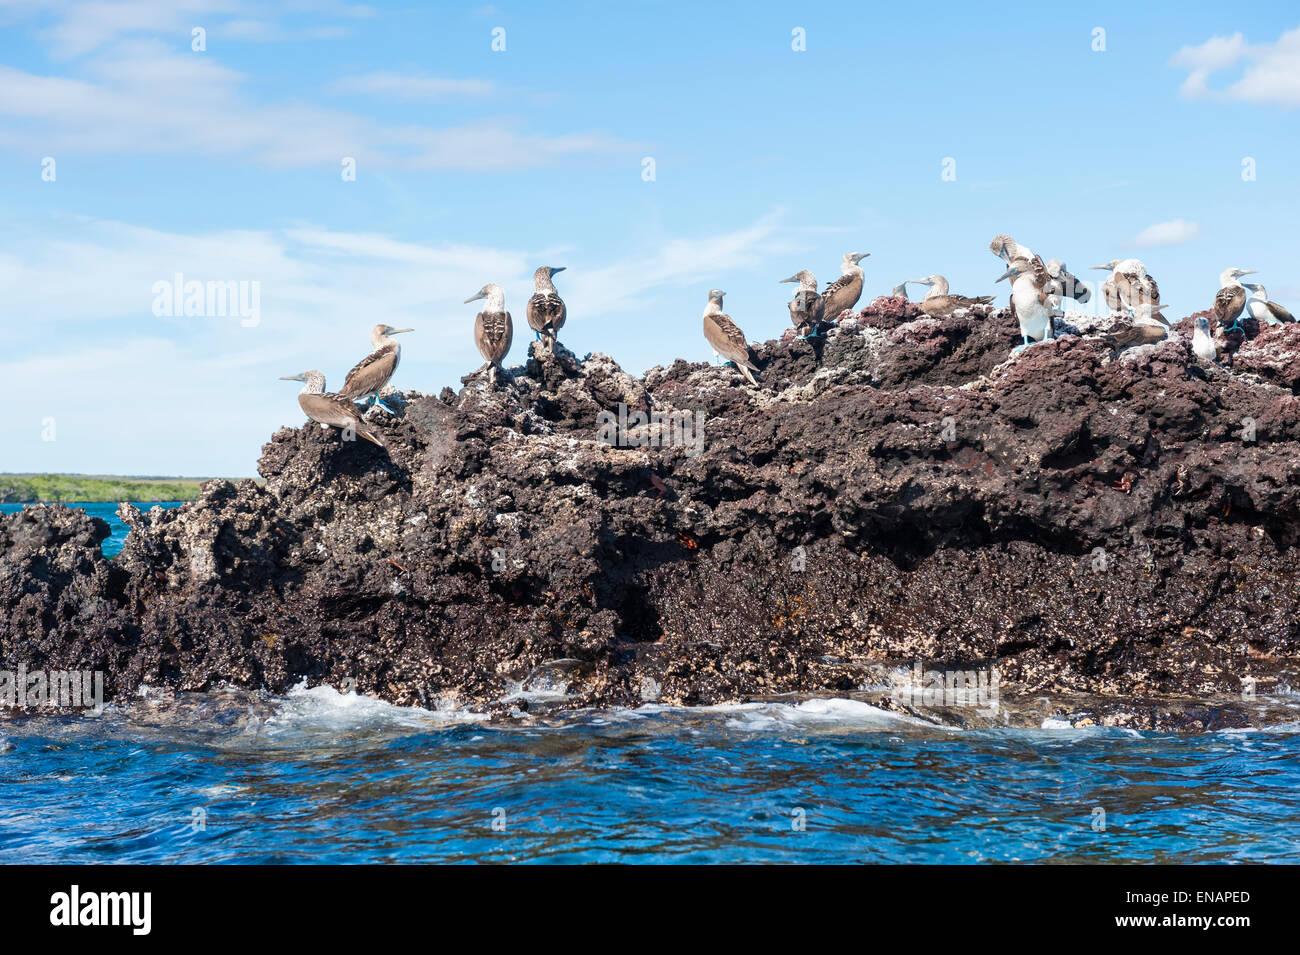 Galapagos Blue-footed Booby (Sula nebouxii excisa), Elisabeth Bay, Isabela Island, Galapagos, Ecuador - Stock Image